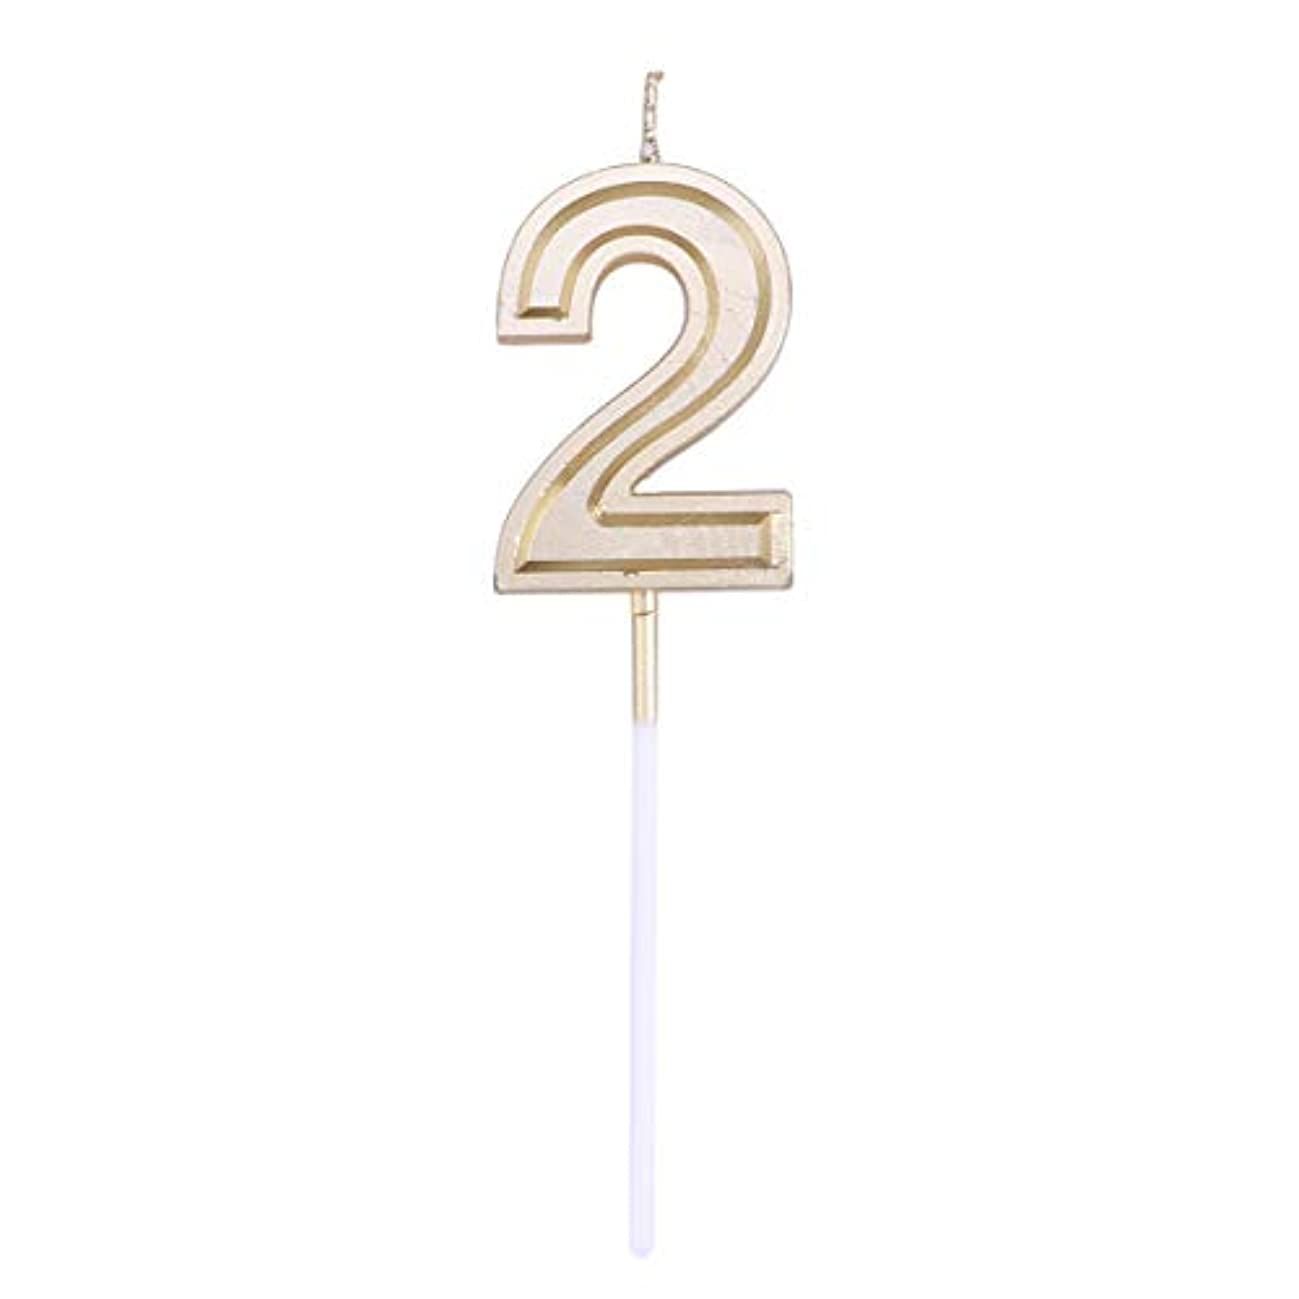 衰える多様なミルクToyvian ゴールドラメ誕生日おめでとう数字キャンドル番号キャンドルケーキトッパー装飾用大人キッズパーティー(ナンバー2)